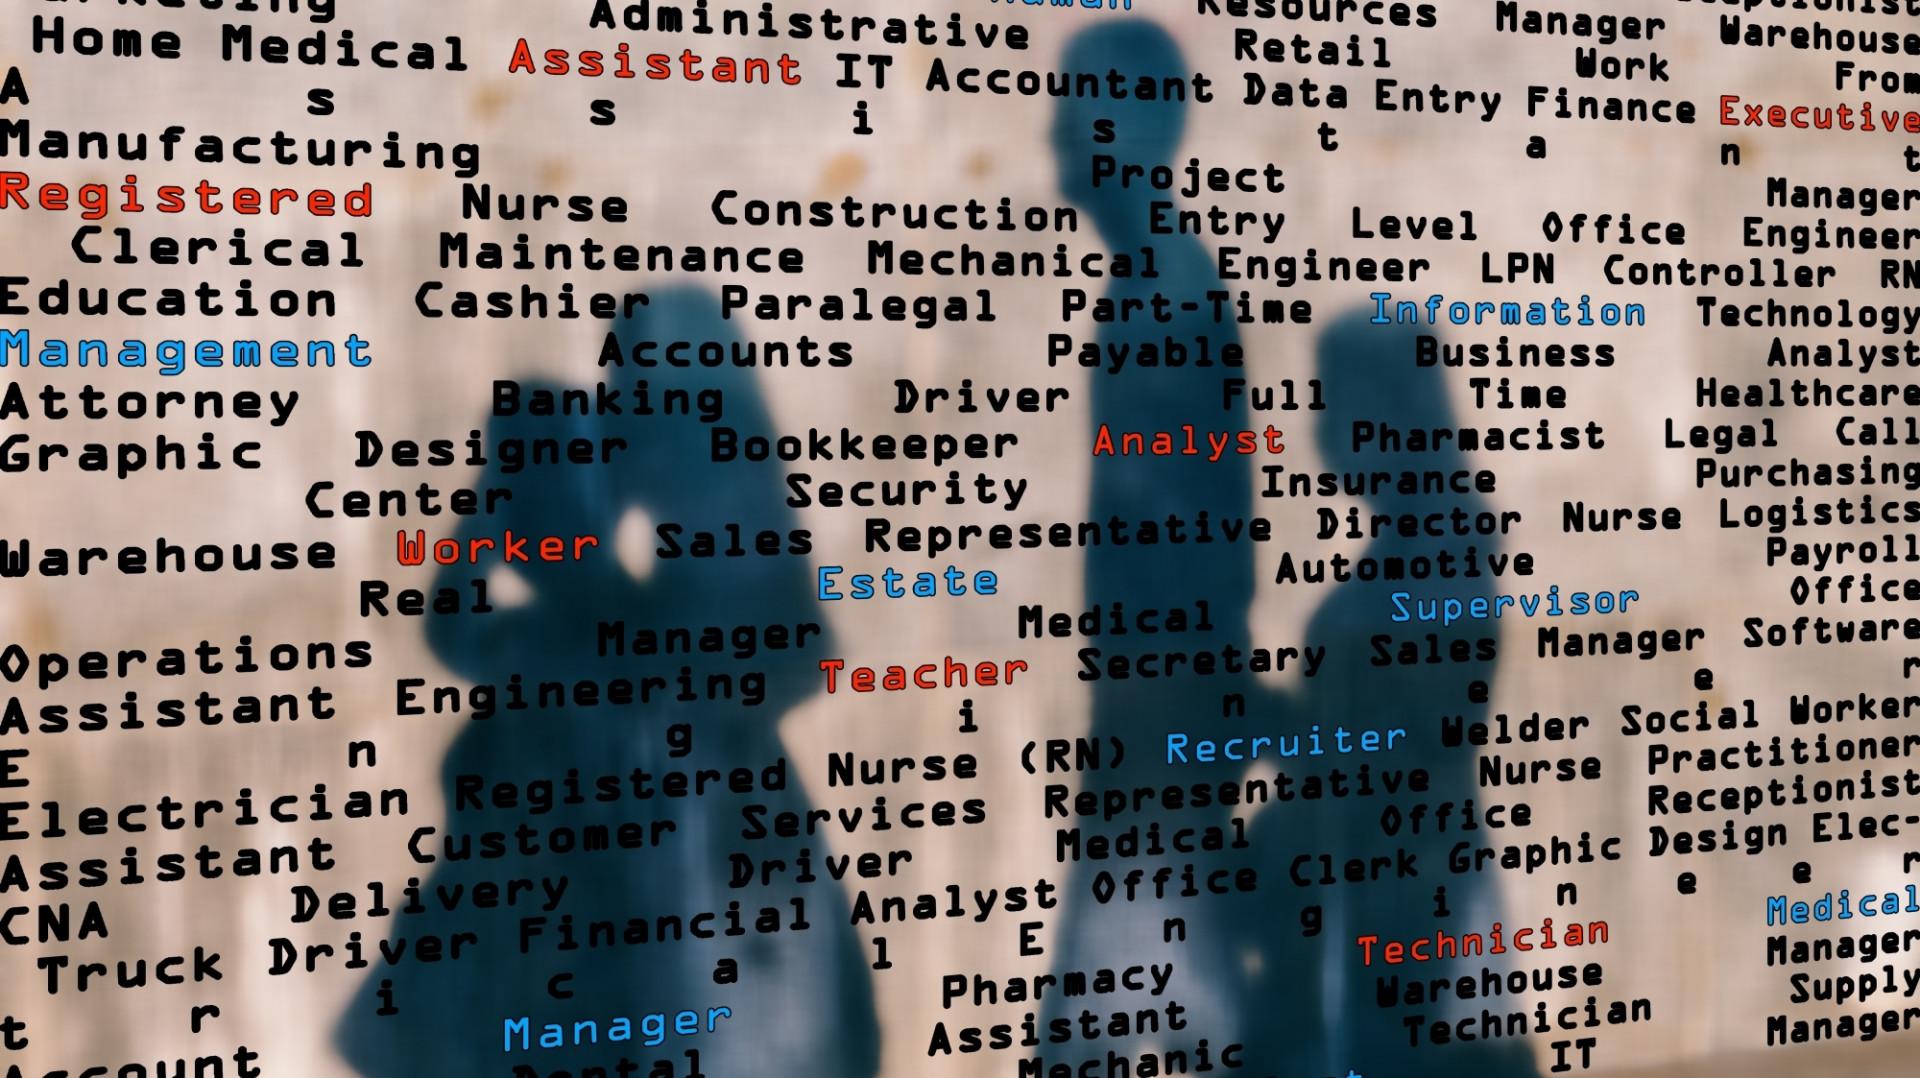 Fachkräftemangel: Unternehmen suchen IT-Experten - im richtigen Alter